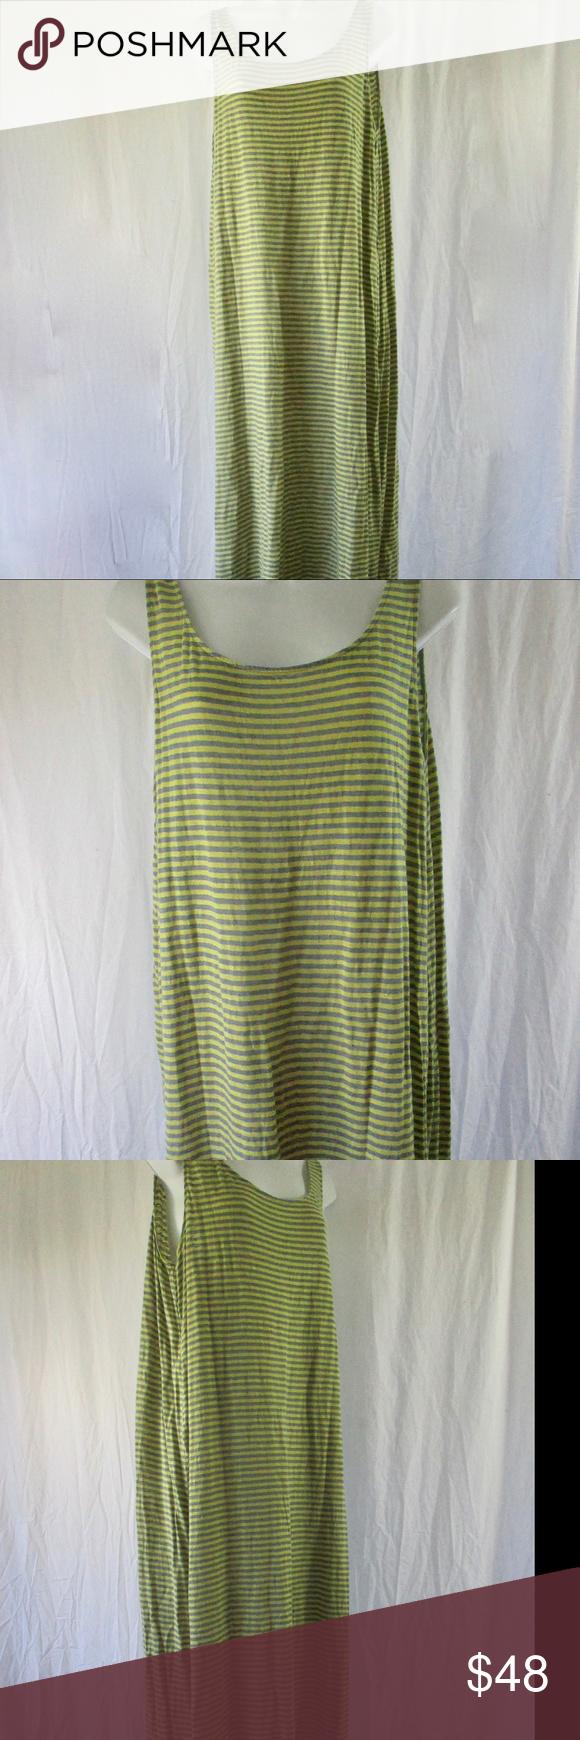 ea6e8fd6df5a1f Eileen Fisher Linen Tank Dress Lg Yellow Gray Knit Wonderful Eileen Fisher  Knit Tank Dress Breezy